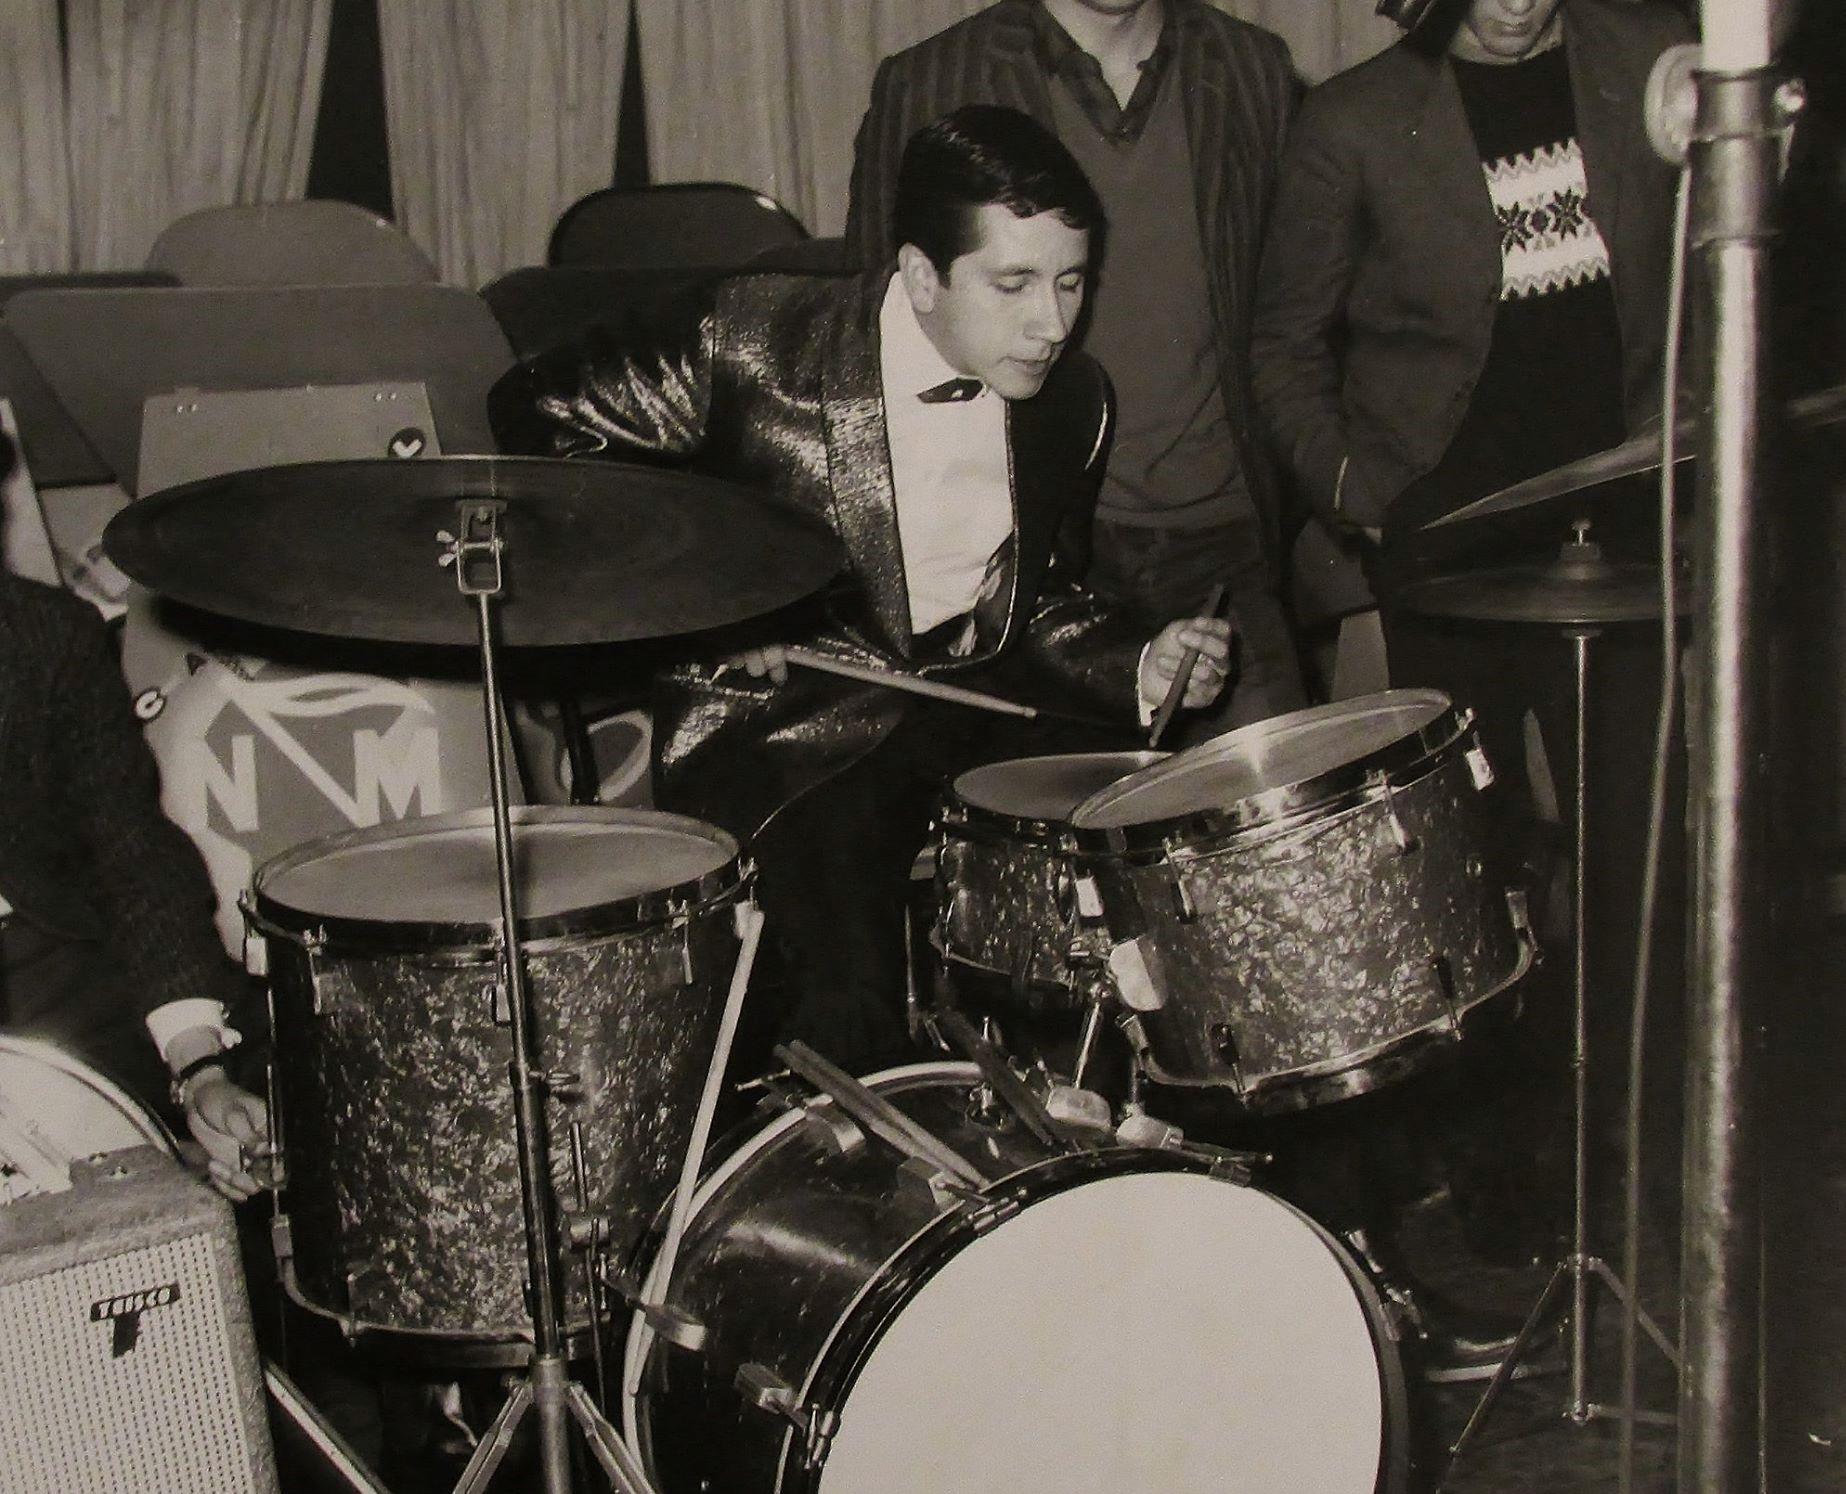 Joe Armando en la Emisora Nuevo Mundo. Bogotá, 1965